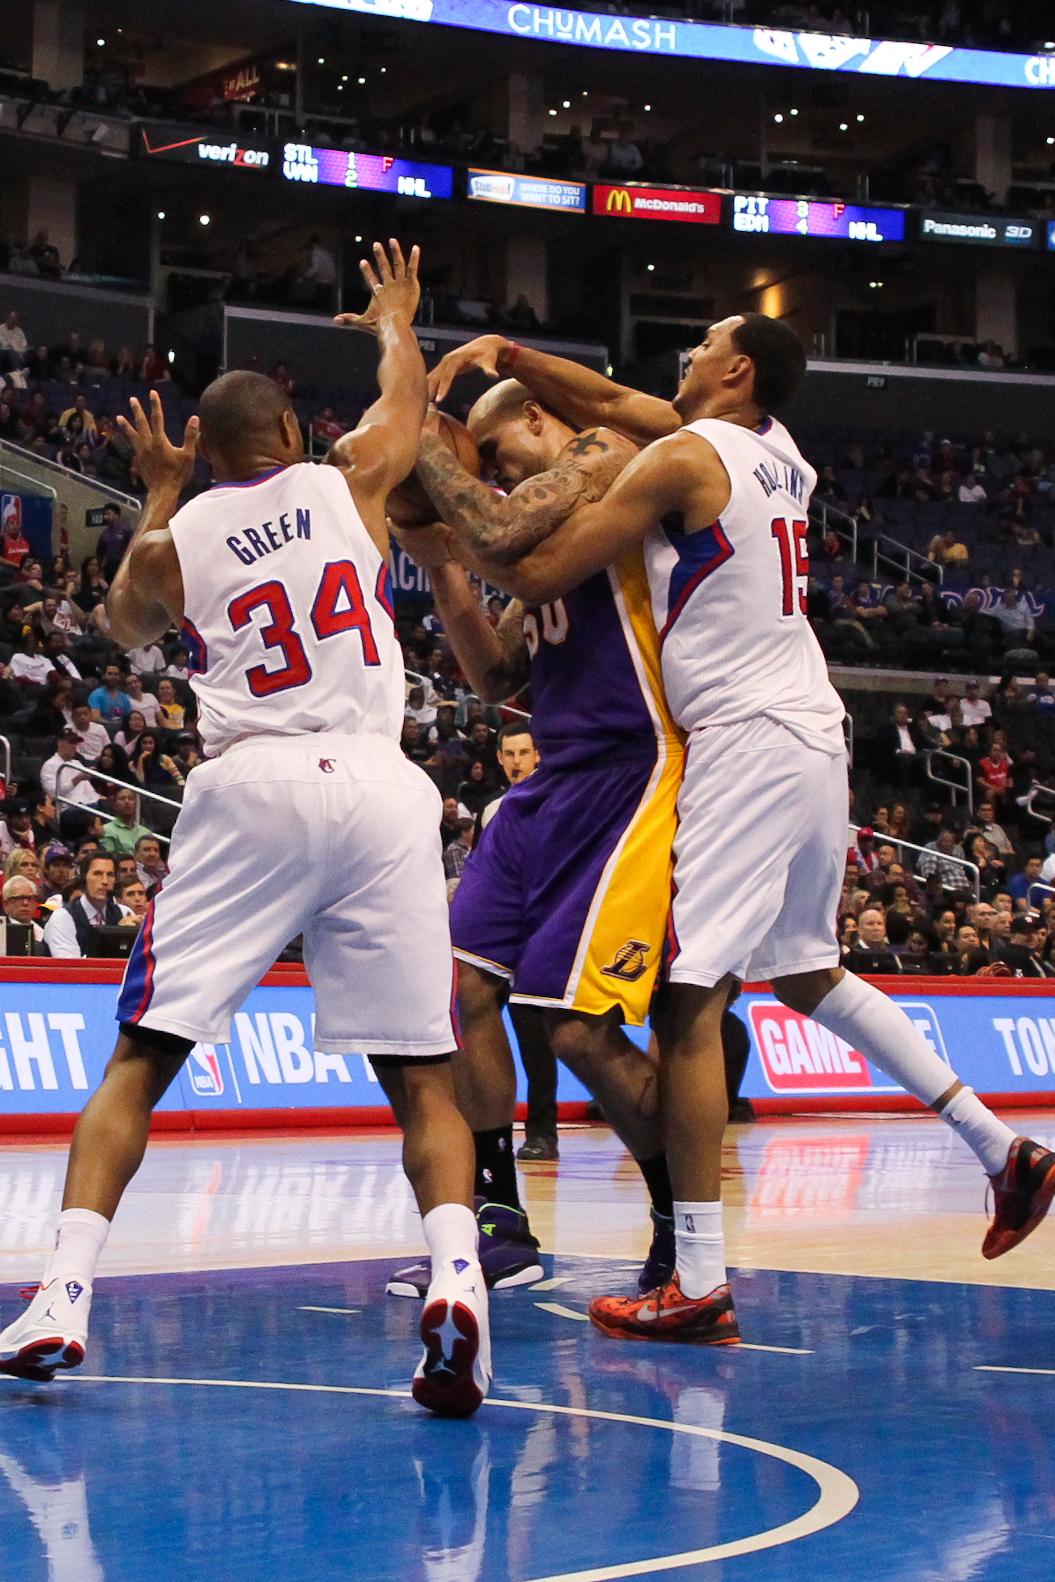 Photos by Varon P. Lakers-35.jpg